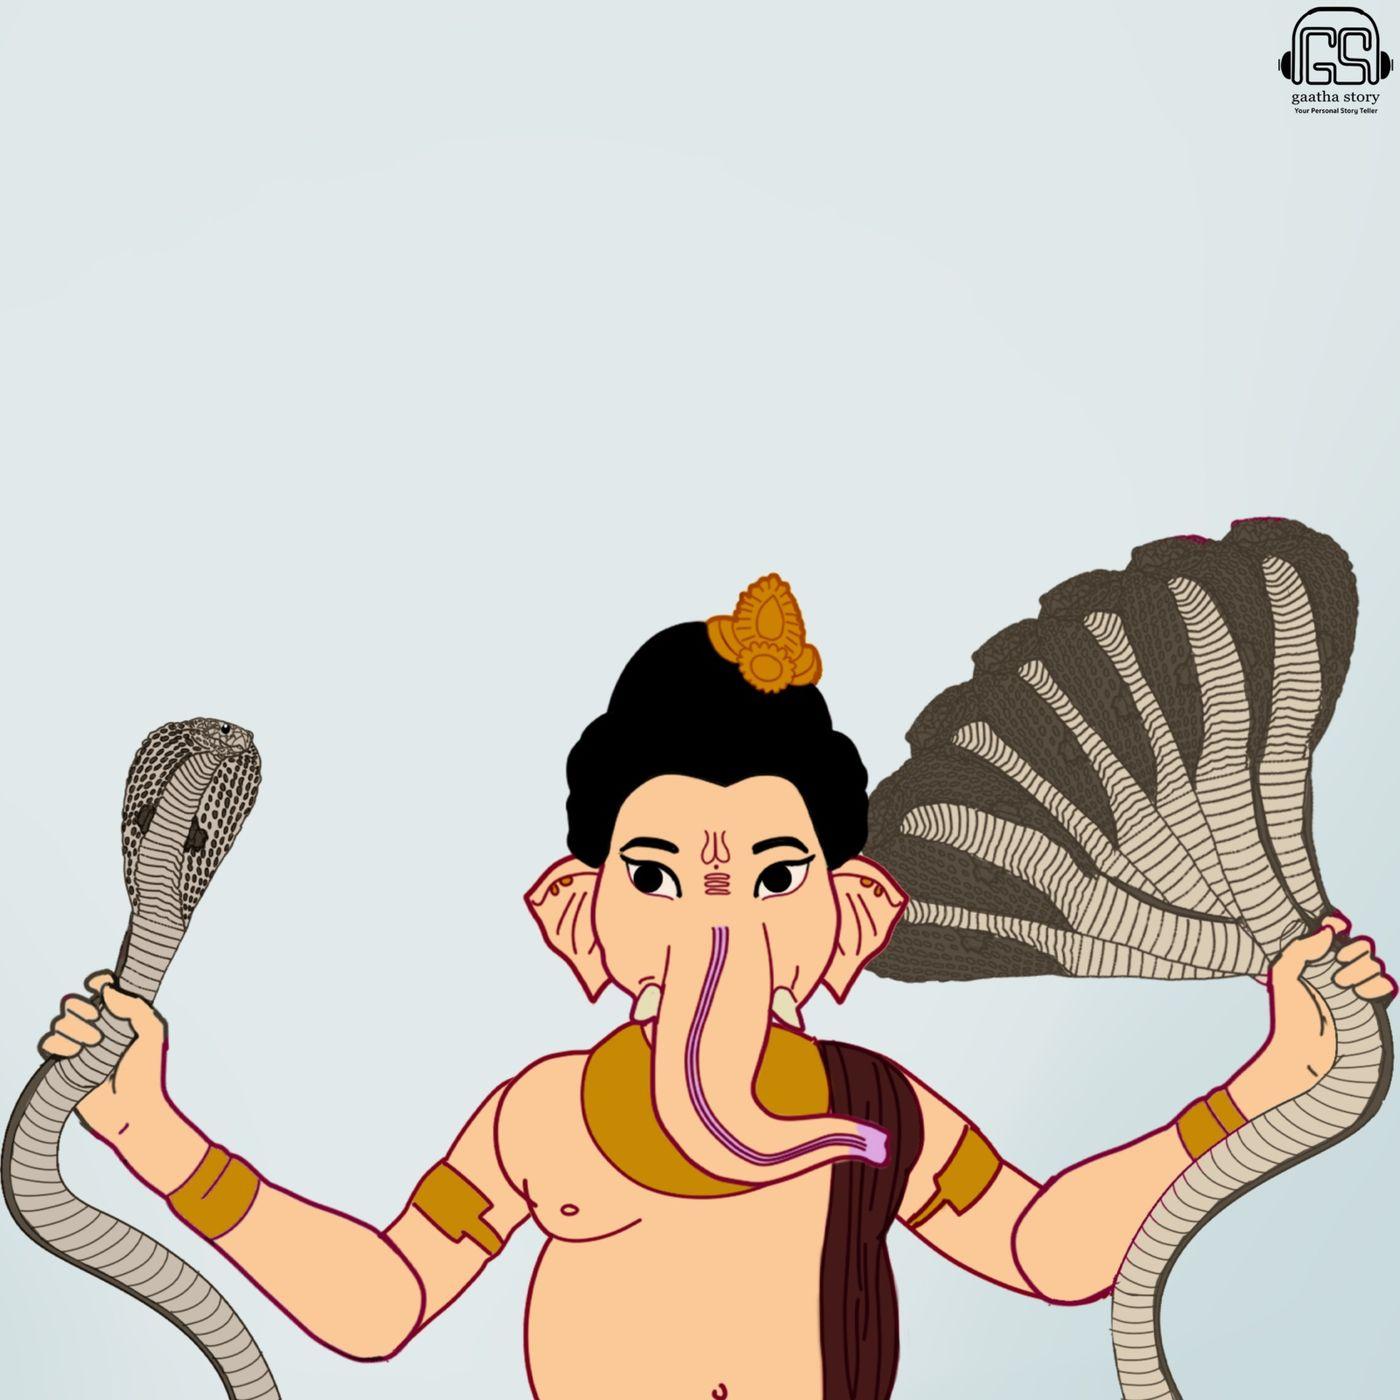 4: Lord Ganesh and Shesh Nag